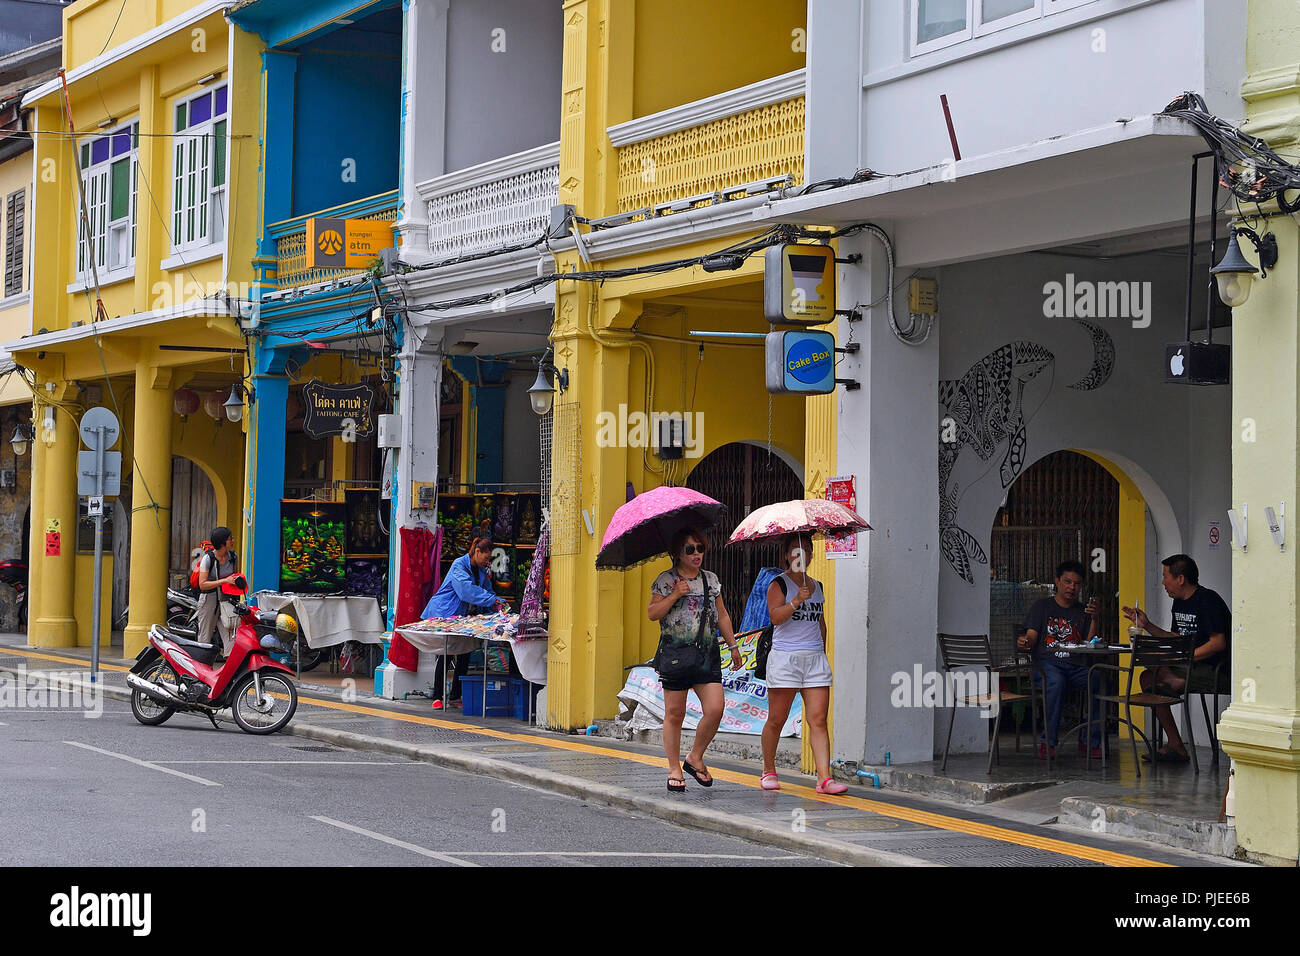 historical houses restored in the Portuguese style in Phuket Town, Phuket, Thailand, historische, im portugiesischem Stil restaurierte Häuser in  Phuk - Stock Image